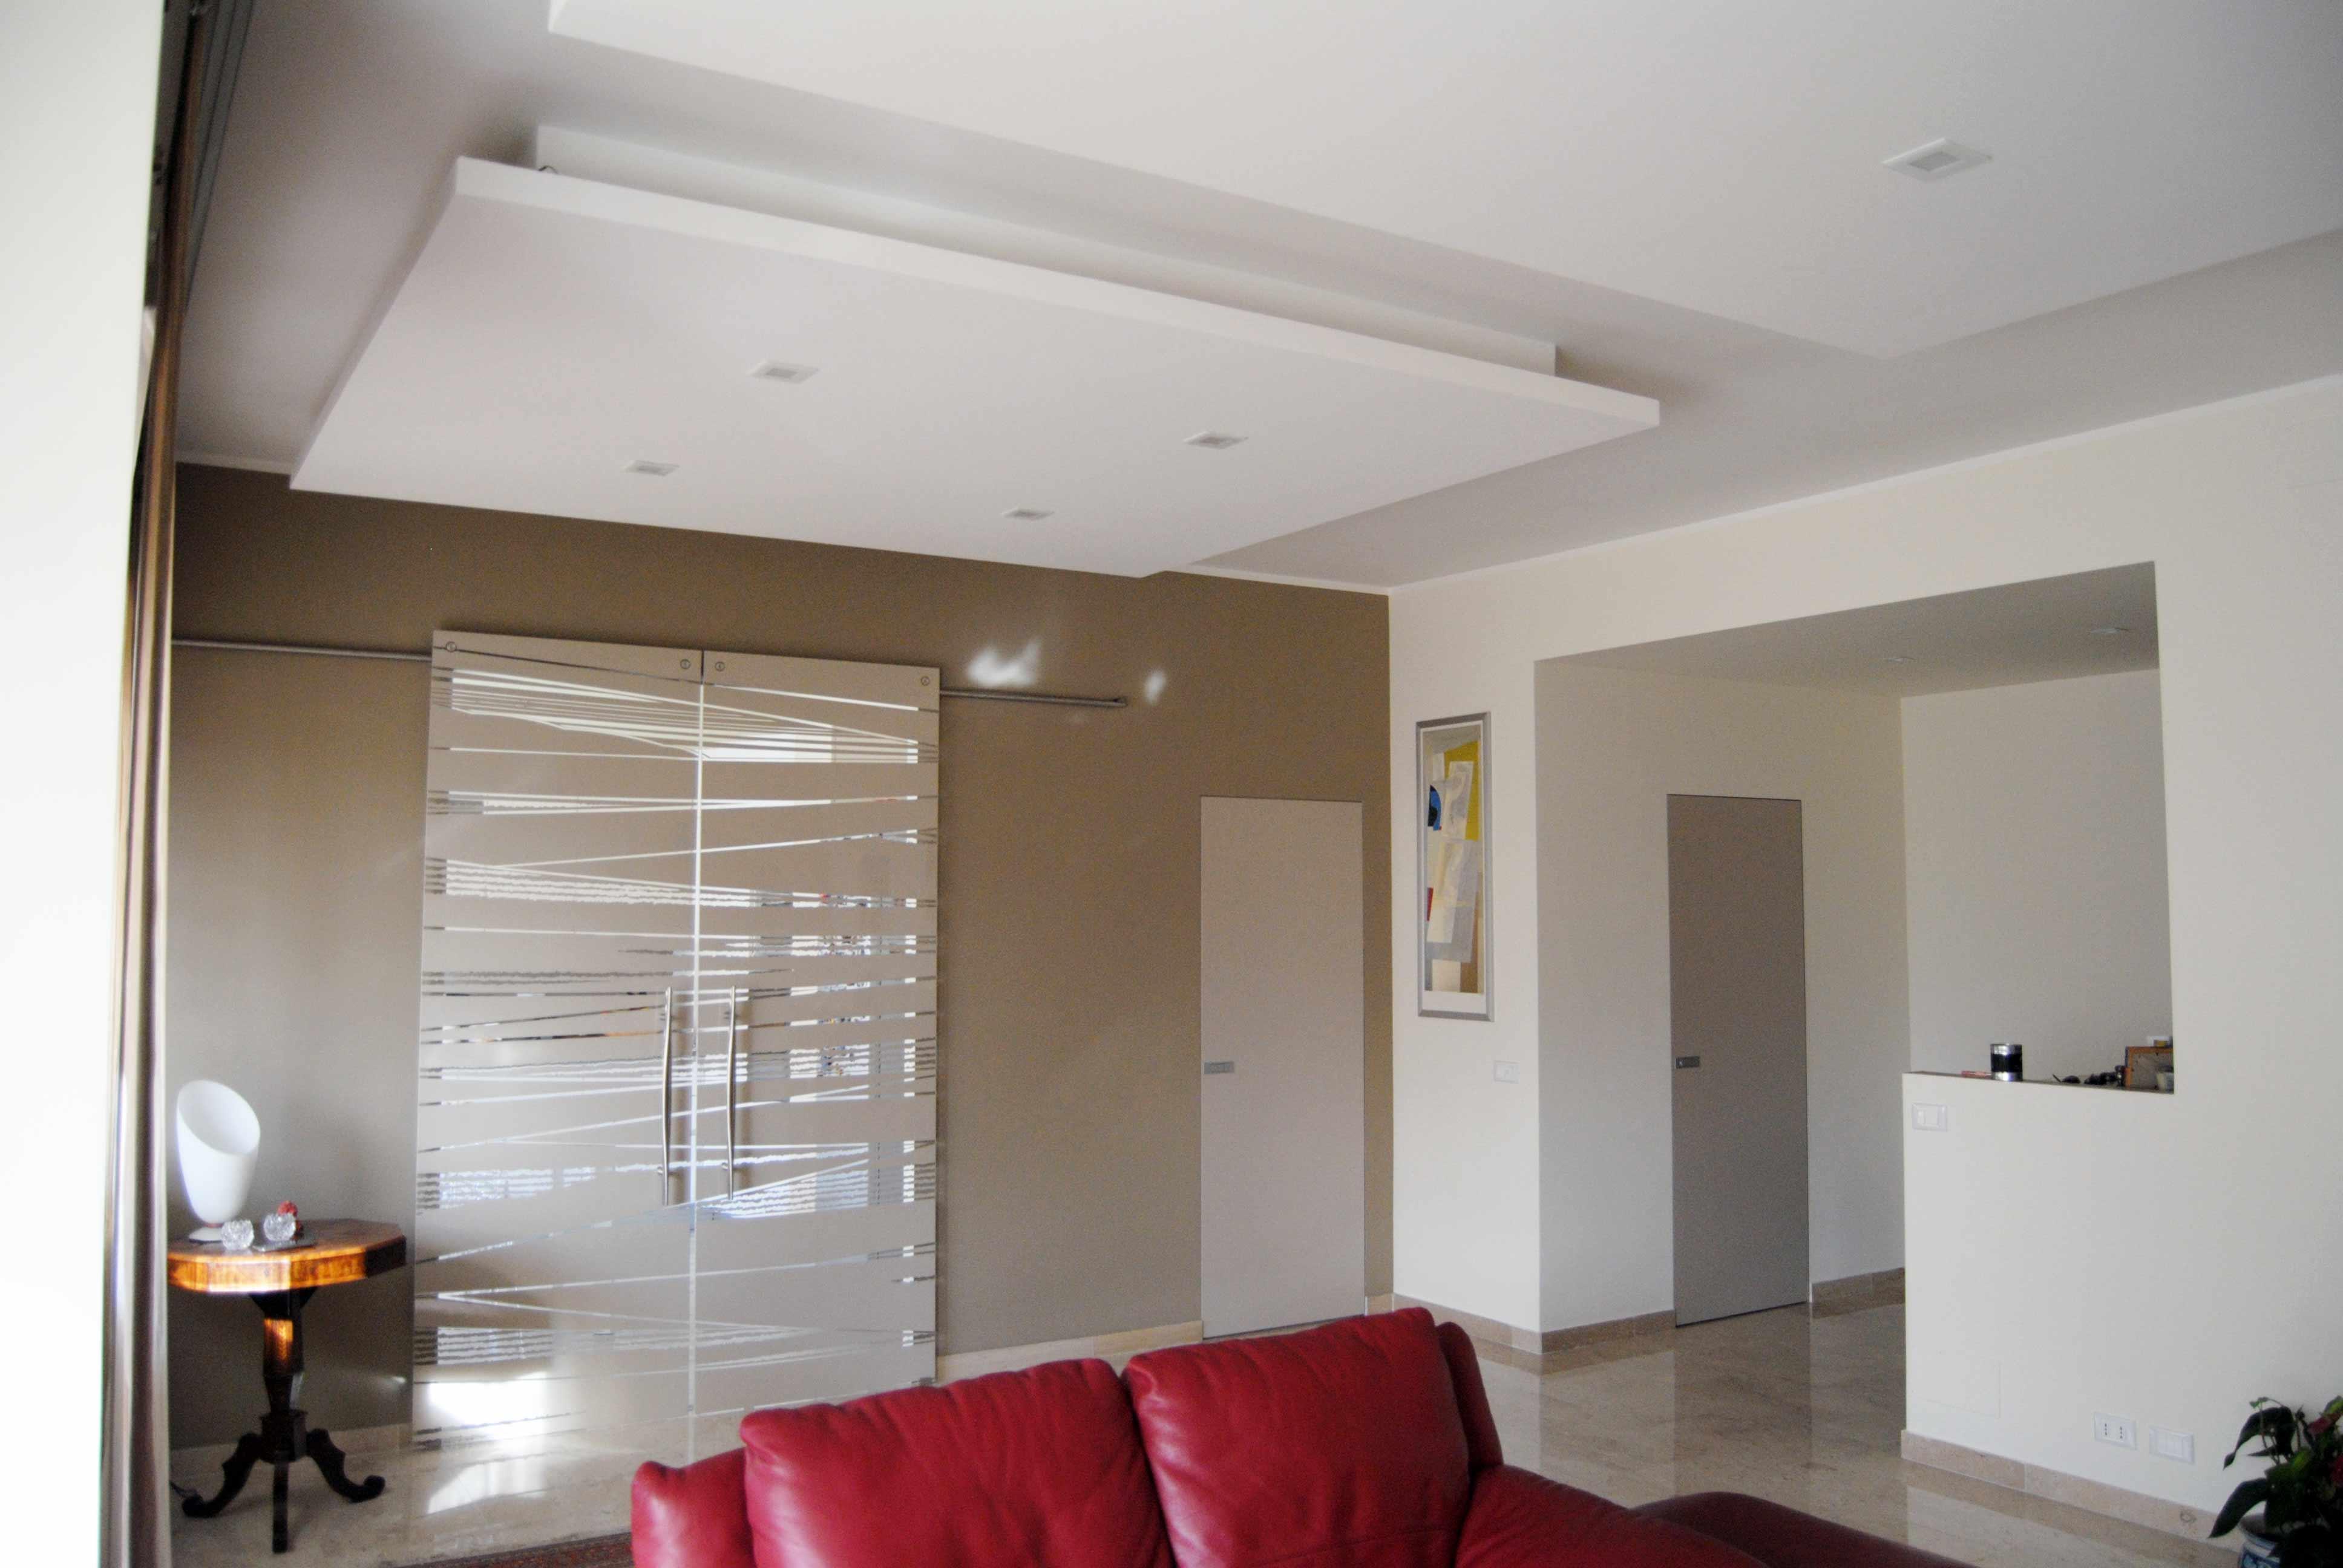 Ristrutturazione appartamento in zona nuovo salario roma - Rifacimento bagno cil o cila ...